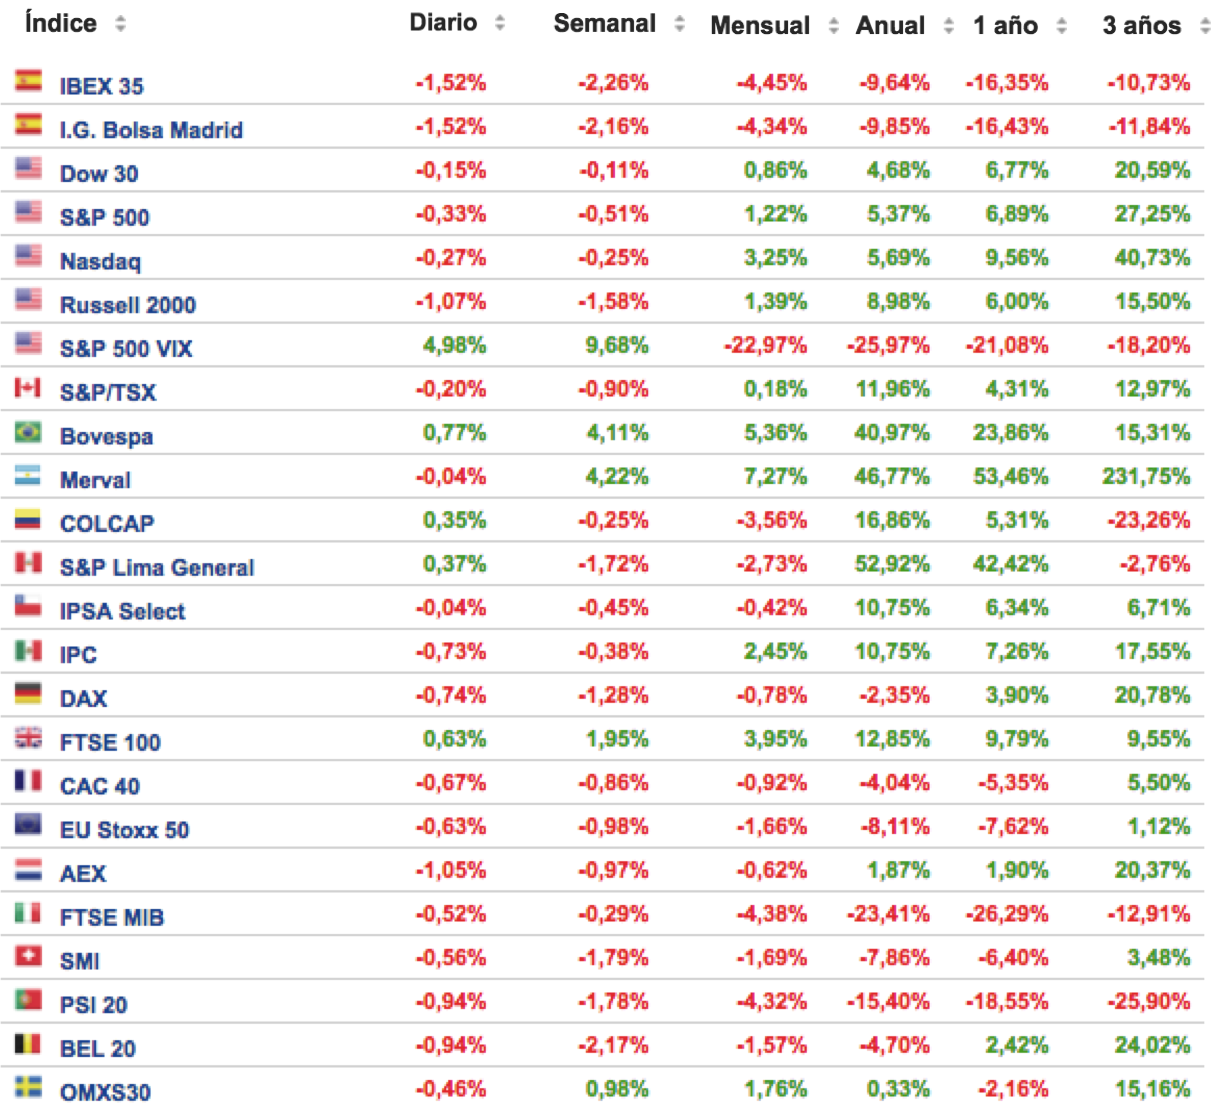 cuadro-de-rentabilidades-de-los-principales-índices-bursátiles